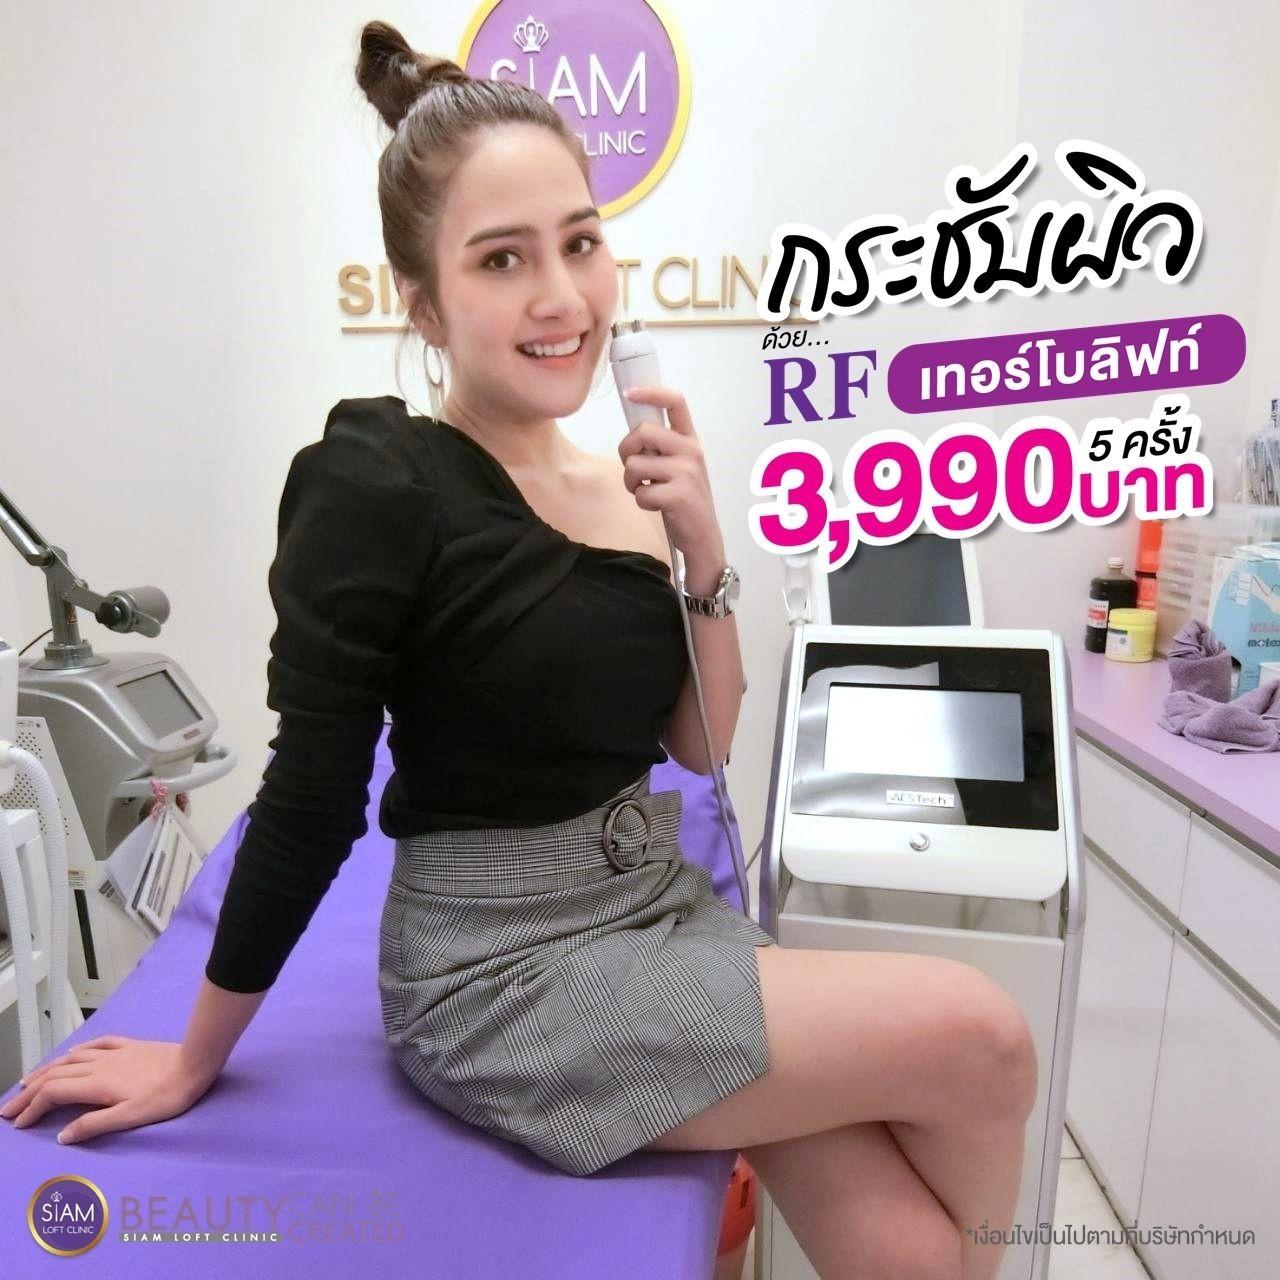 ป้ายราคาหรือสมุดเมนู • กระชับผิวหน้าด้วย RF เทอร์โบลิฟ  5ครั้ง เพียง 3,990 บาท ที่ ร้าน Siam Loft Clinic